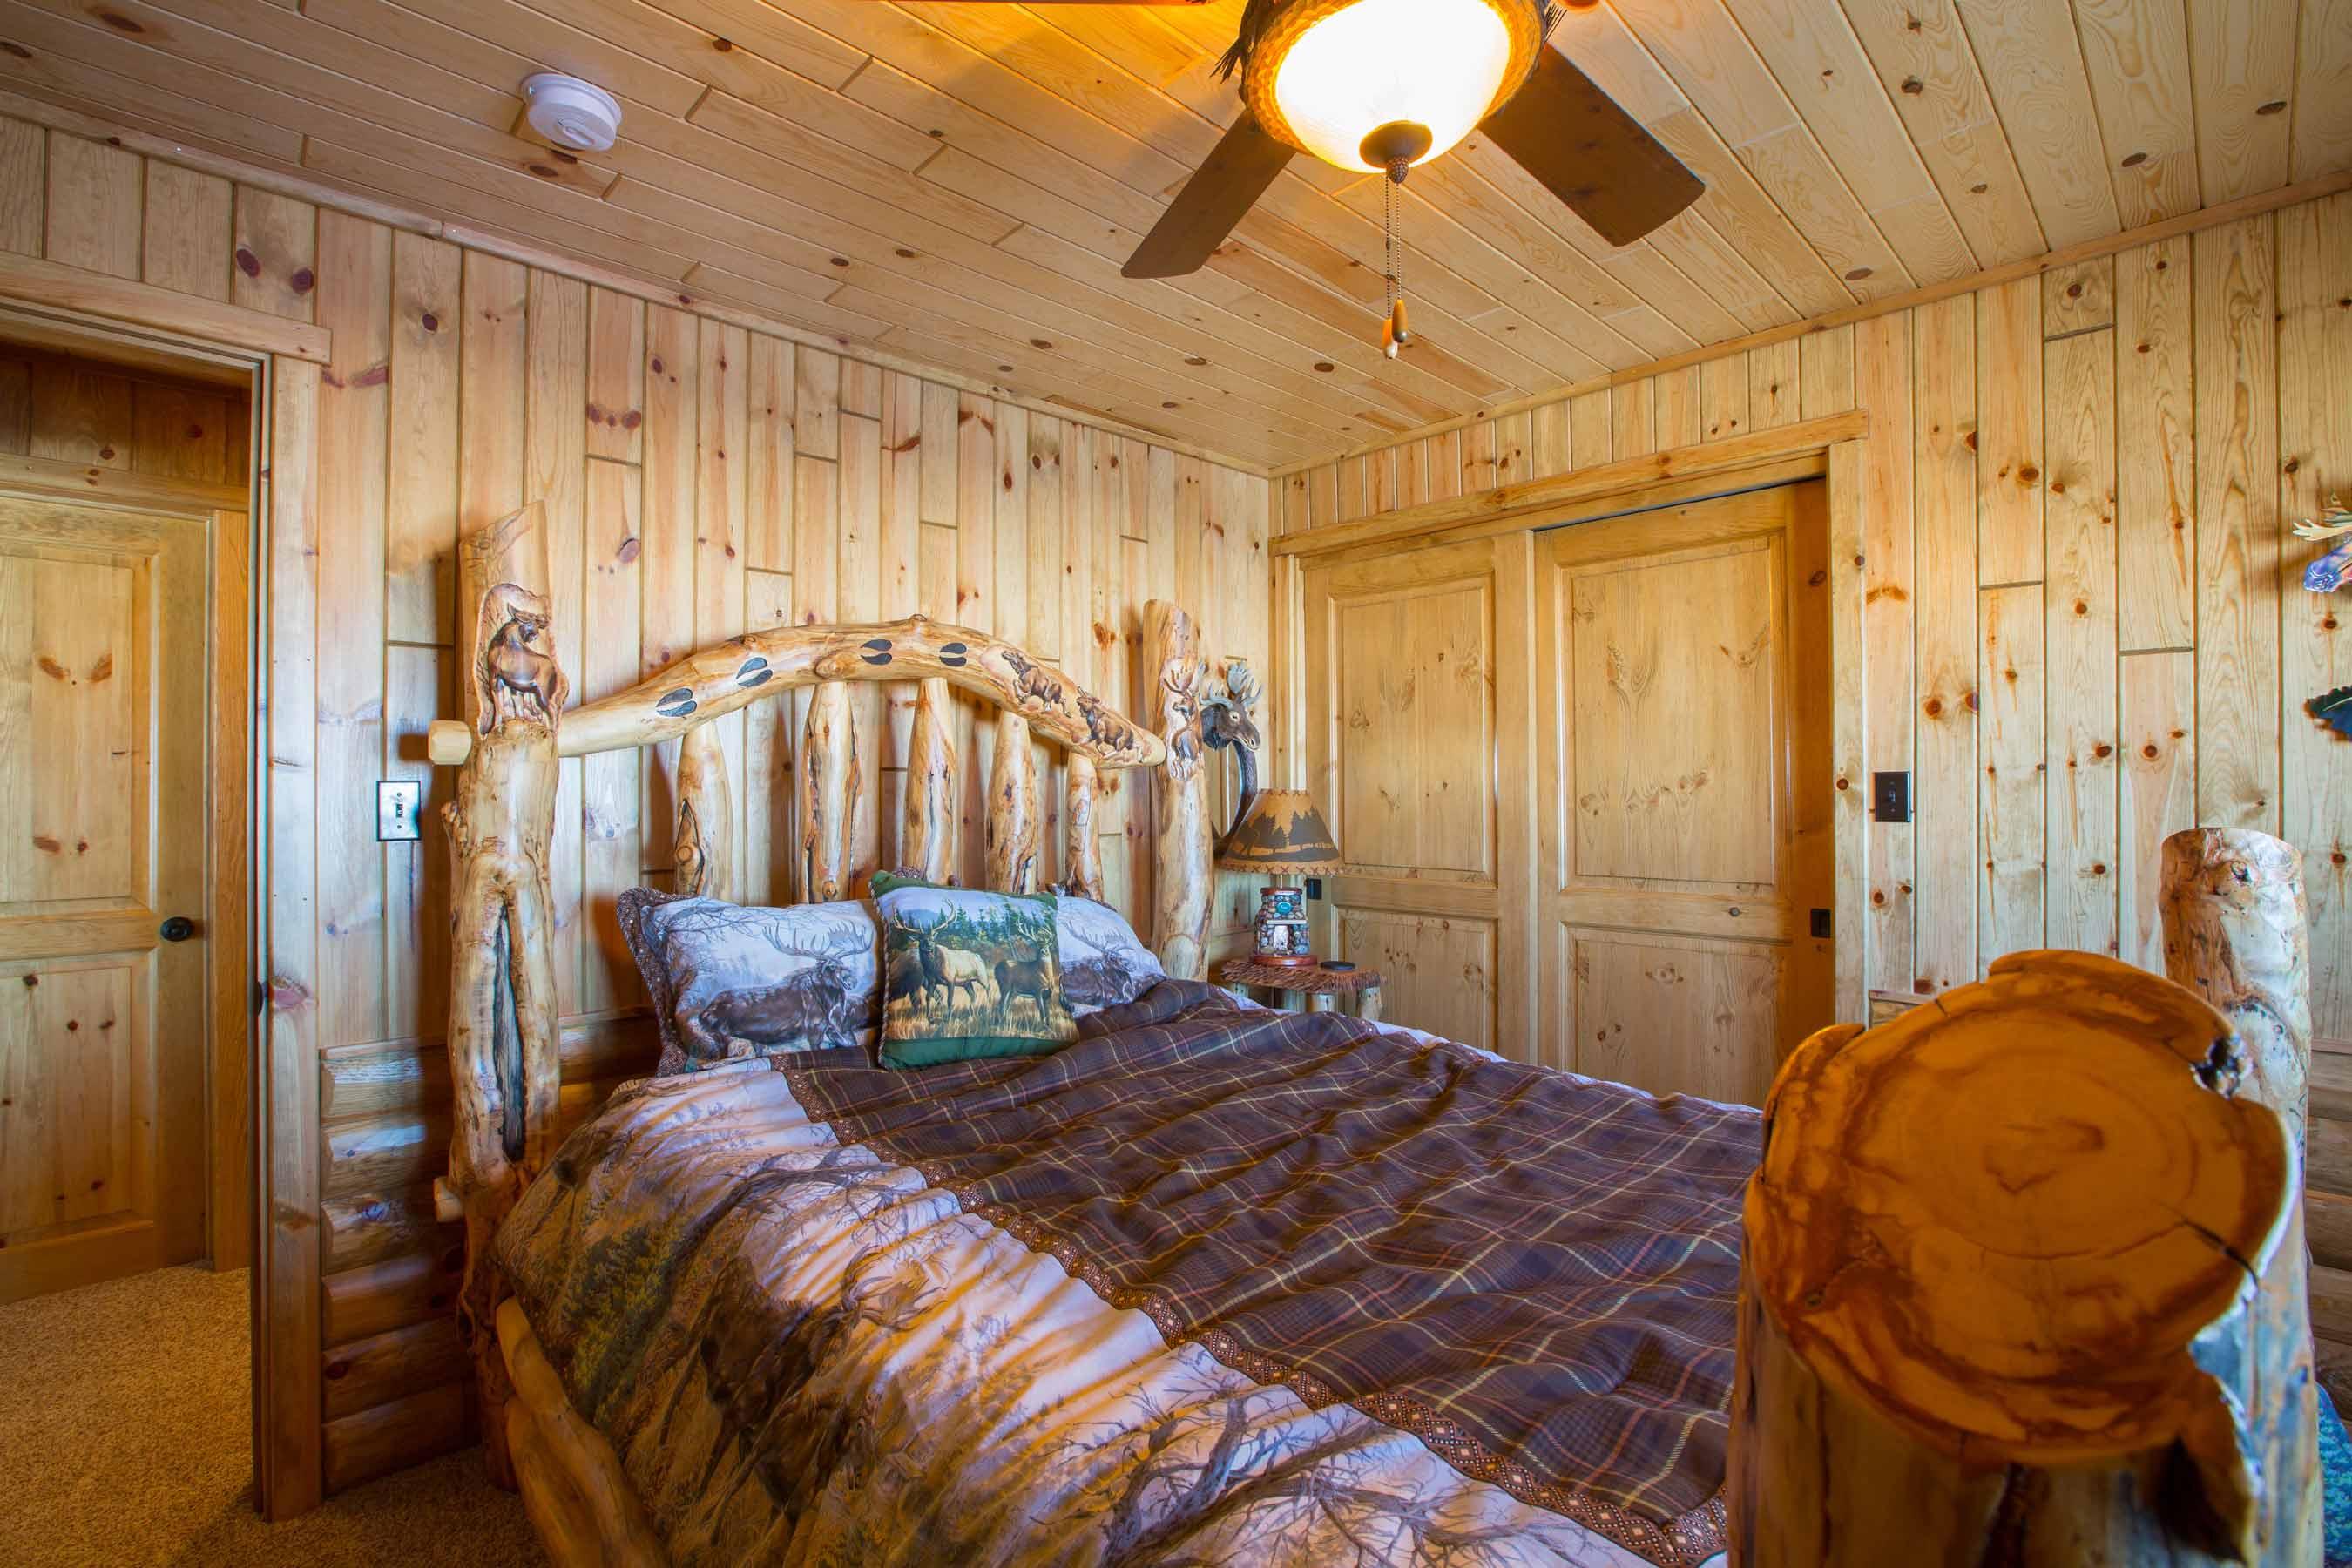 knotty pine wood